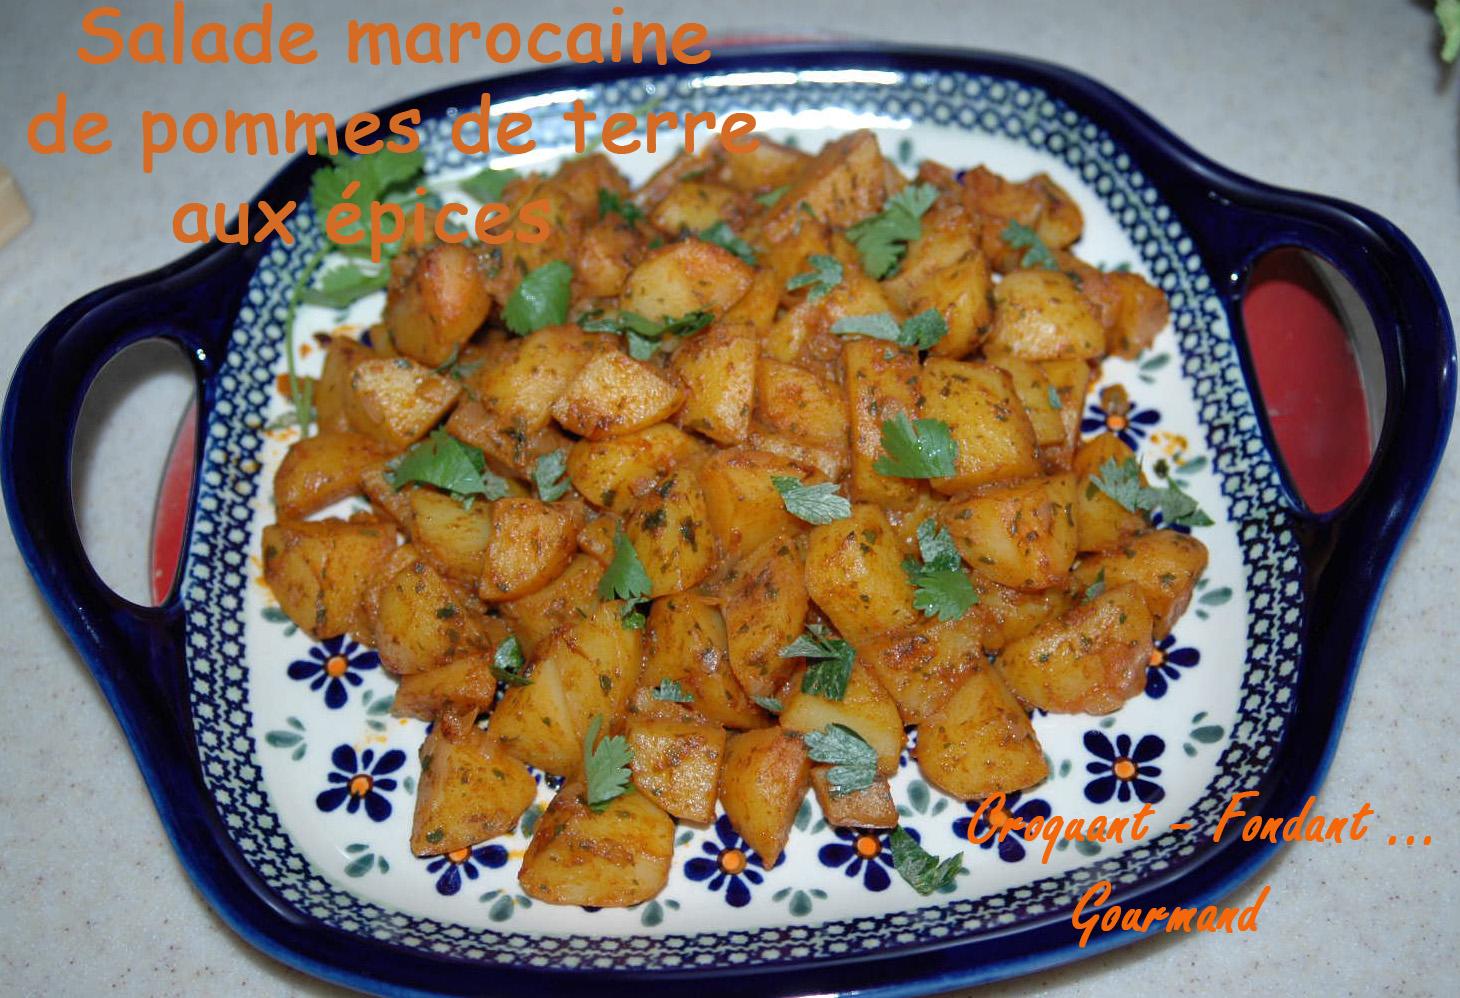 Salade marocaine de PDT épicées - DSC_3849_12030